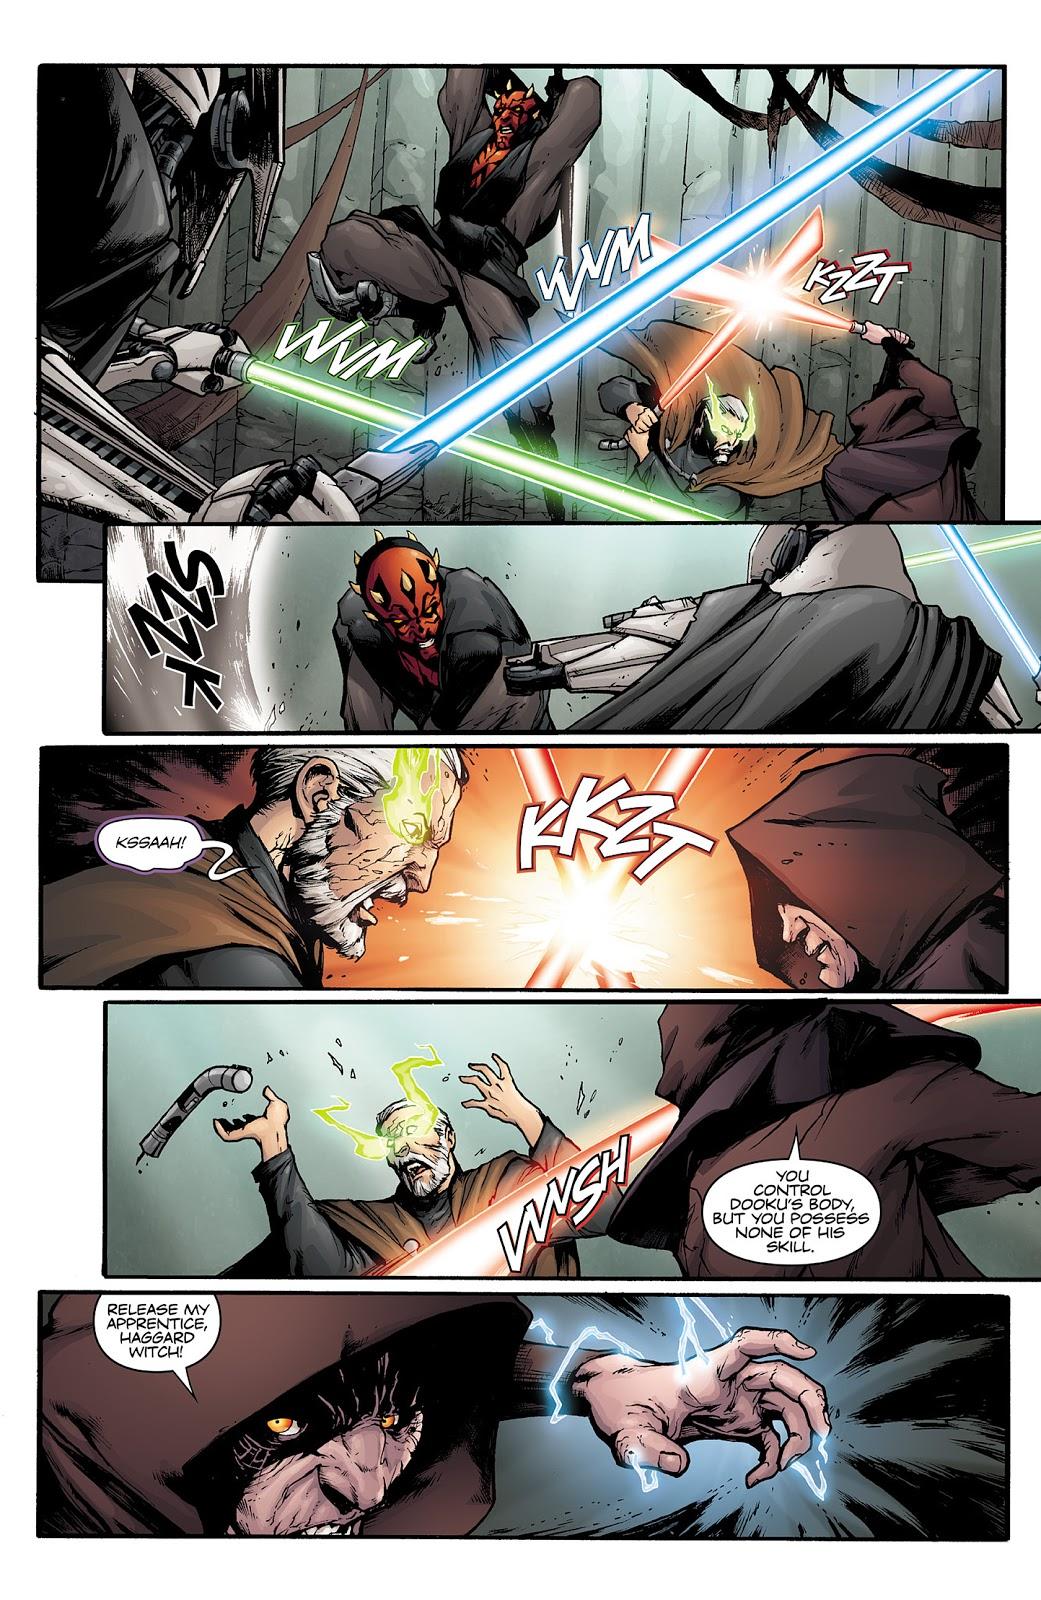 SS - Starkiller (ArkhamAsylum3) vs Qui-Gon Jinn (Meatpants) - Page 2 Sidiou18